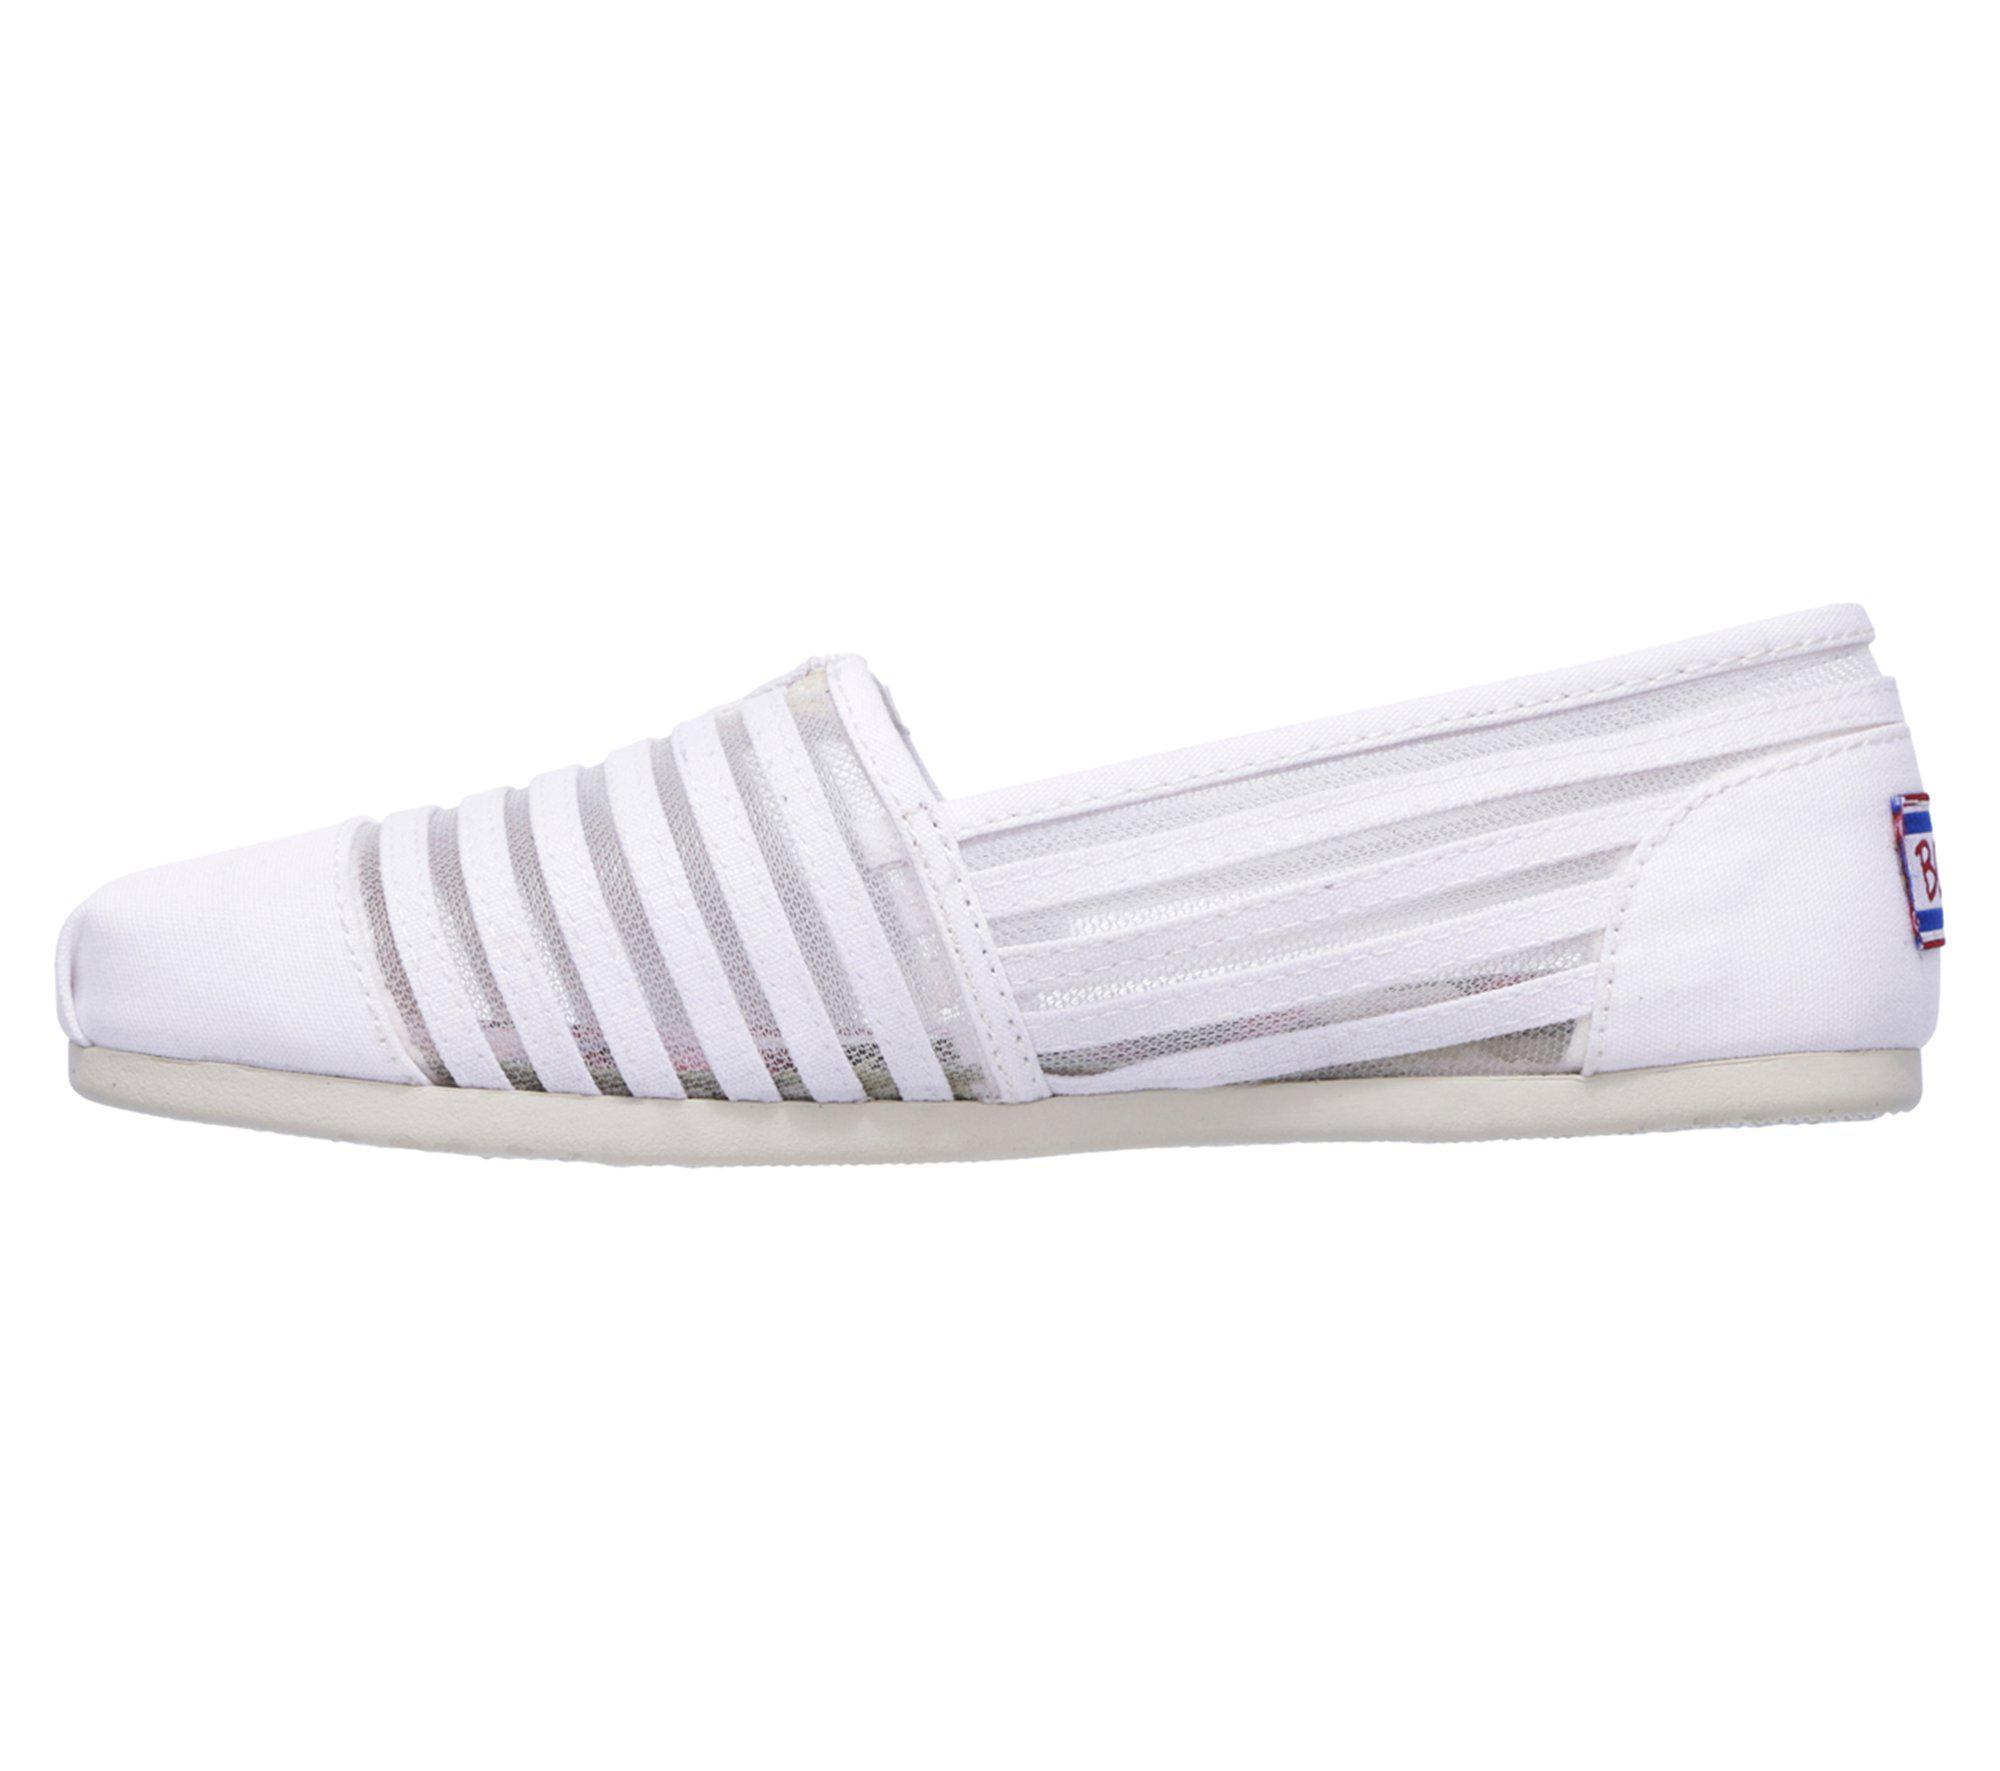 da3e86e501 Skechers - White Bobs Plush - Adorbs - Lyst. View fullscreen